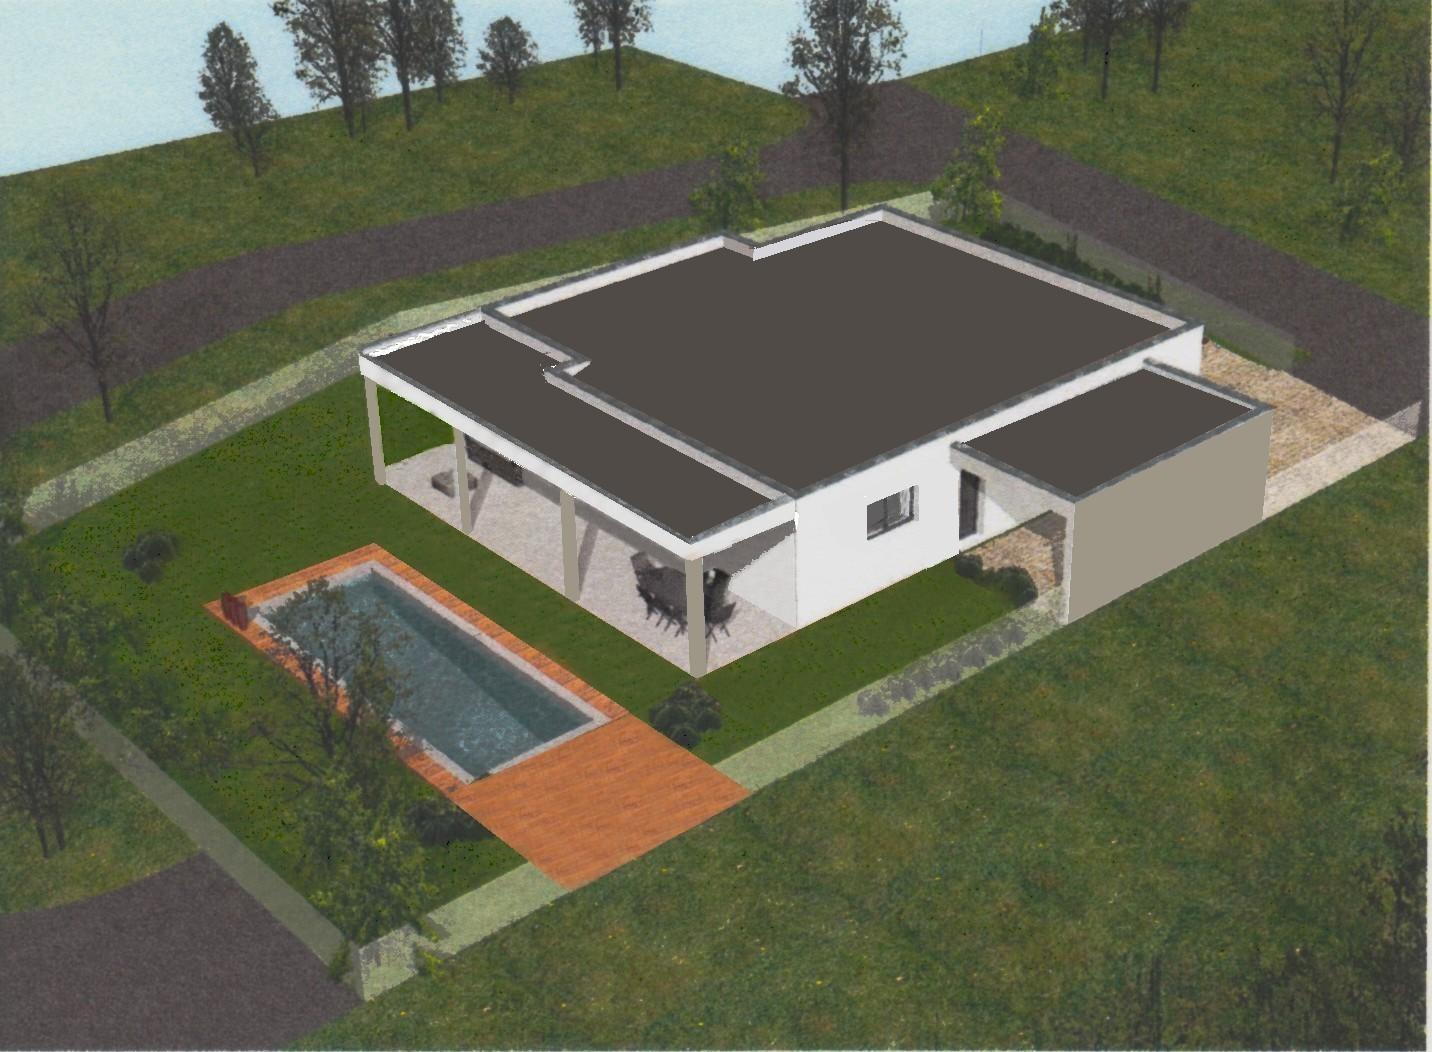 Notre projet une maison toit terrasse notre projet - Plan maison entree sud ...